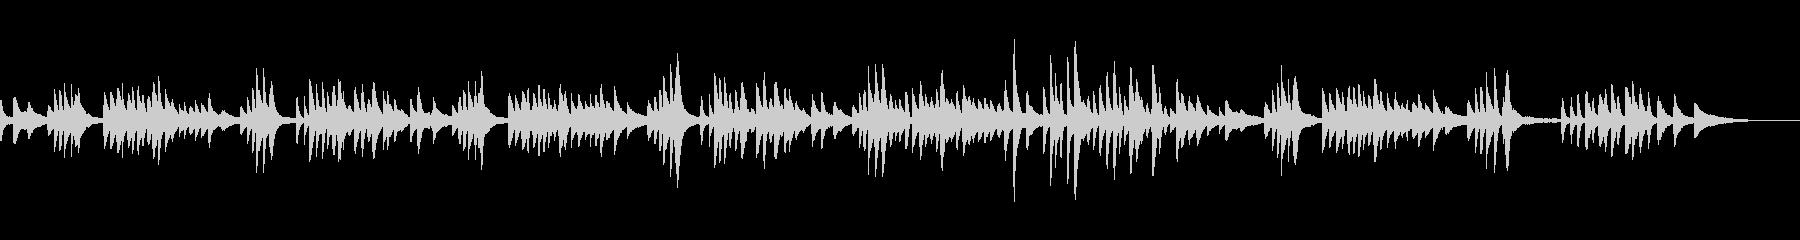 ピアノソロ「トロイメライ」の未再生の波形